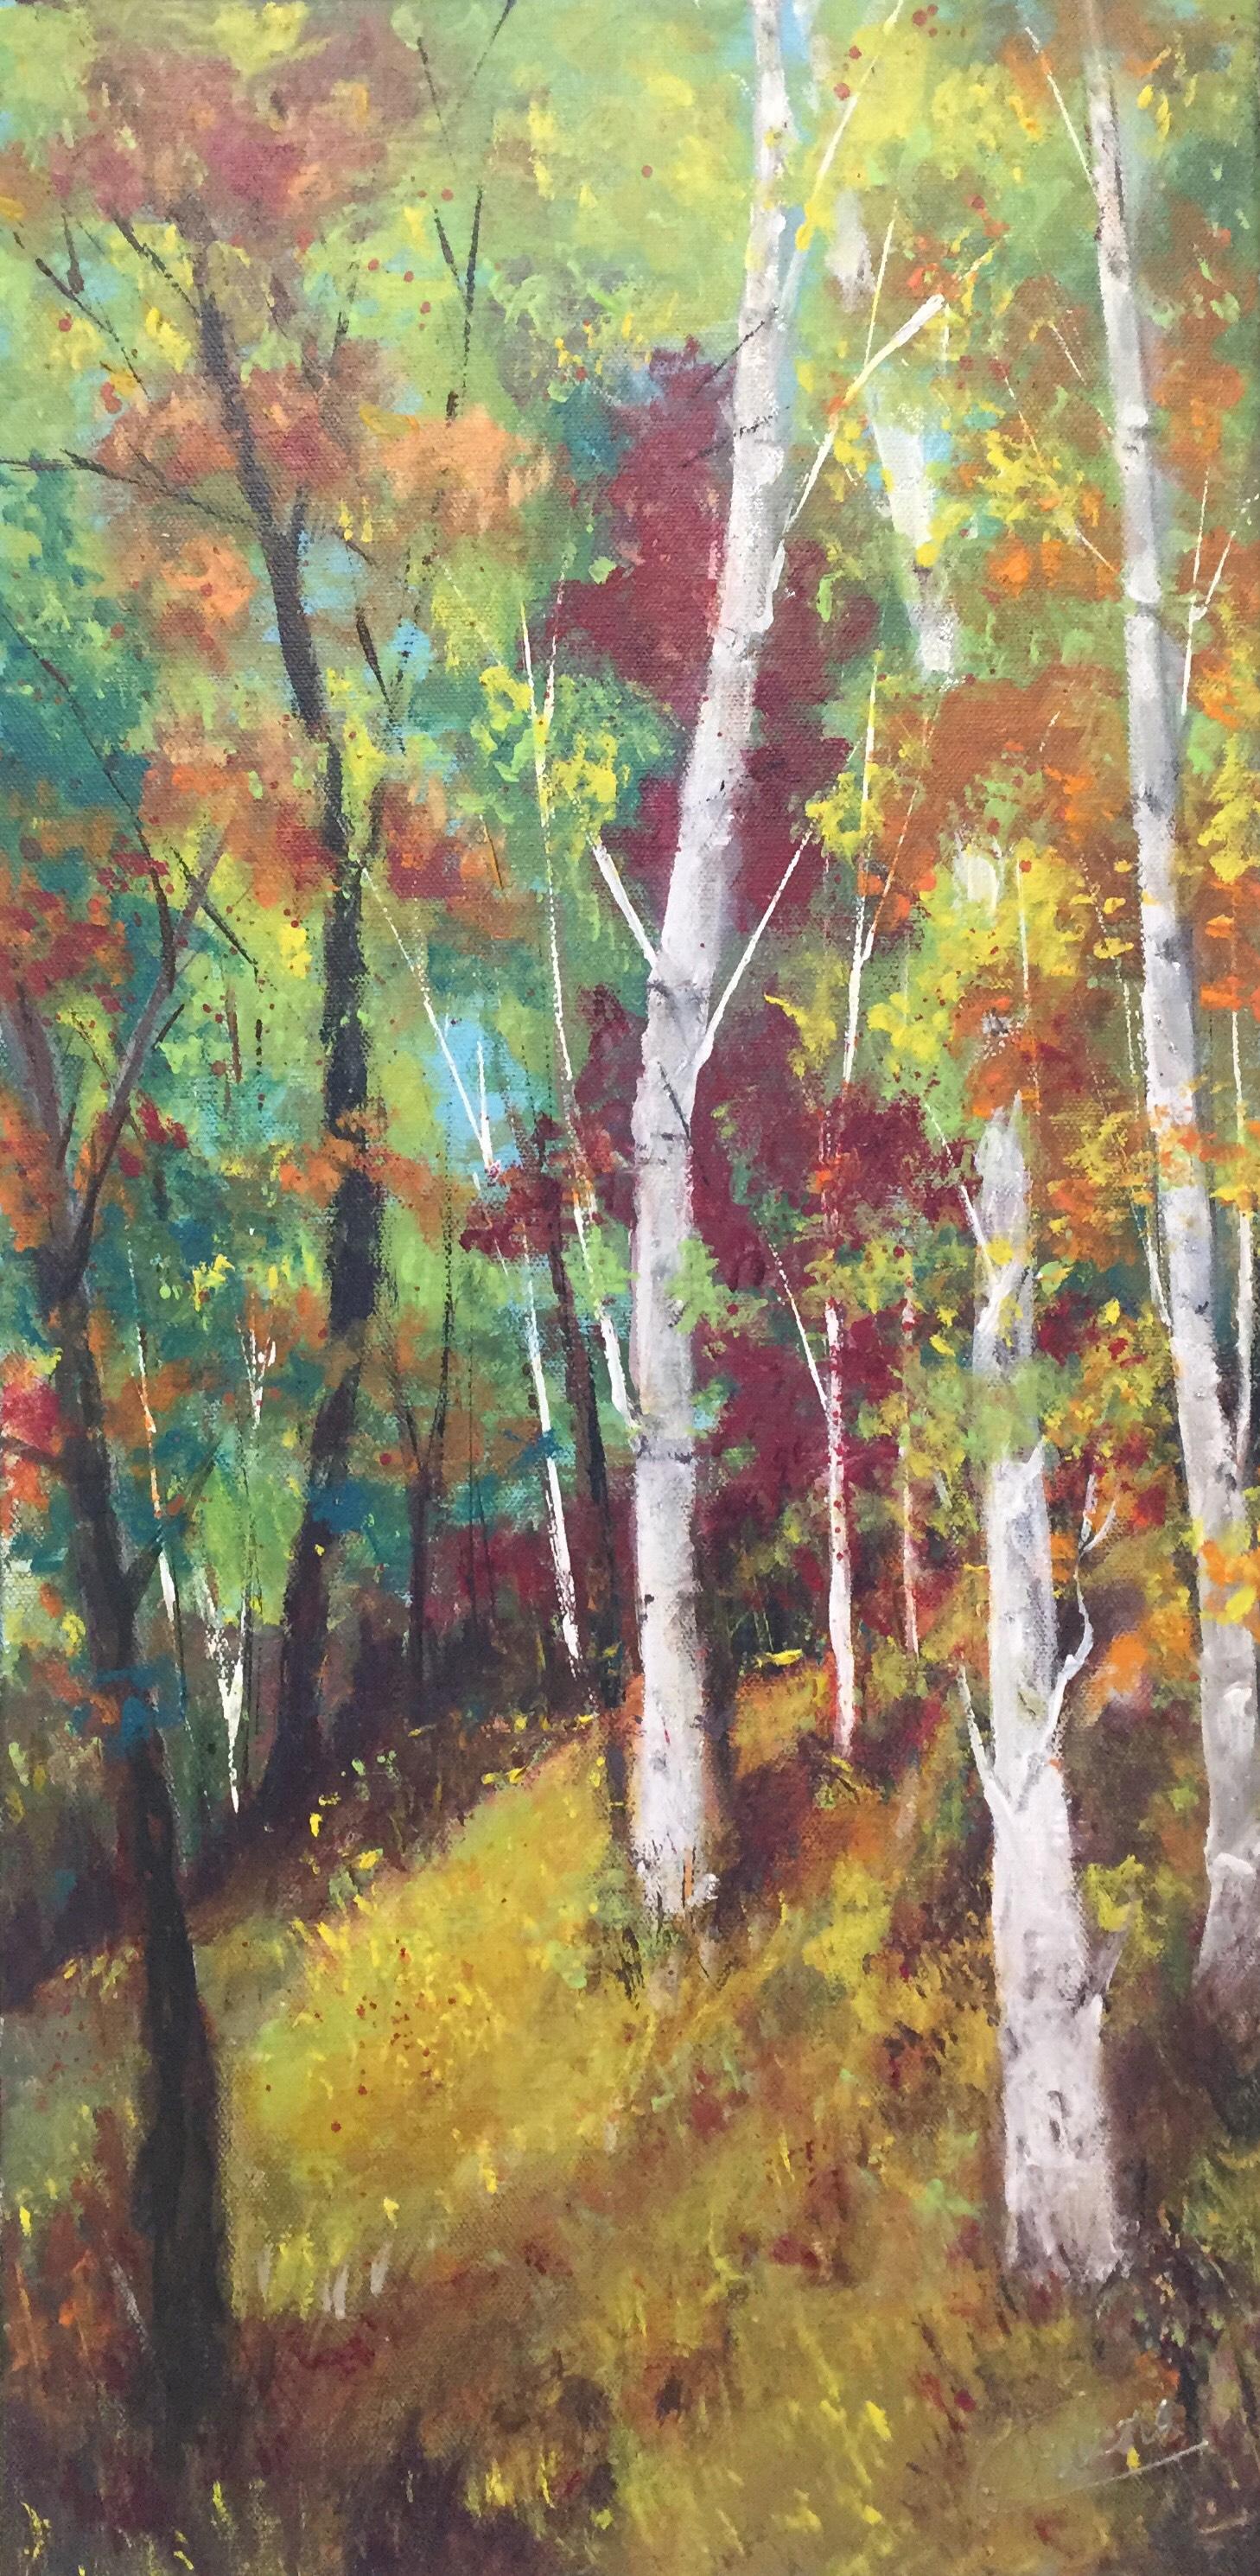 Birch in Fall by Artist Aruna Chagarlamudi (Aruna's Art Studio)